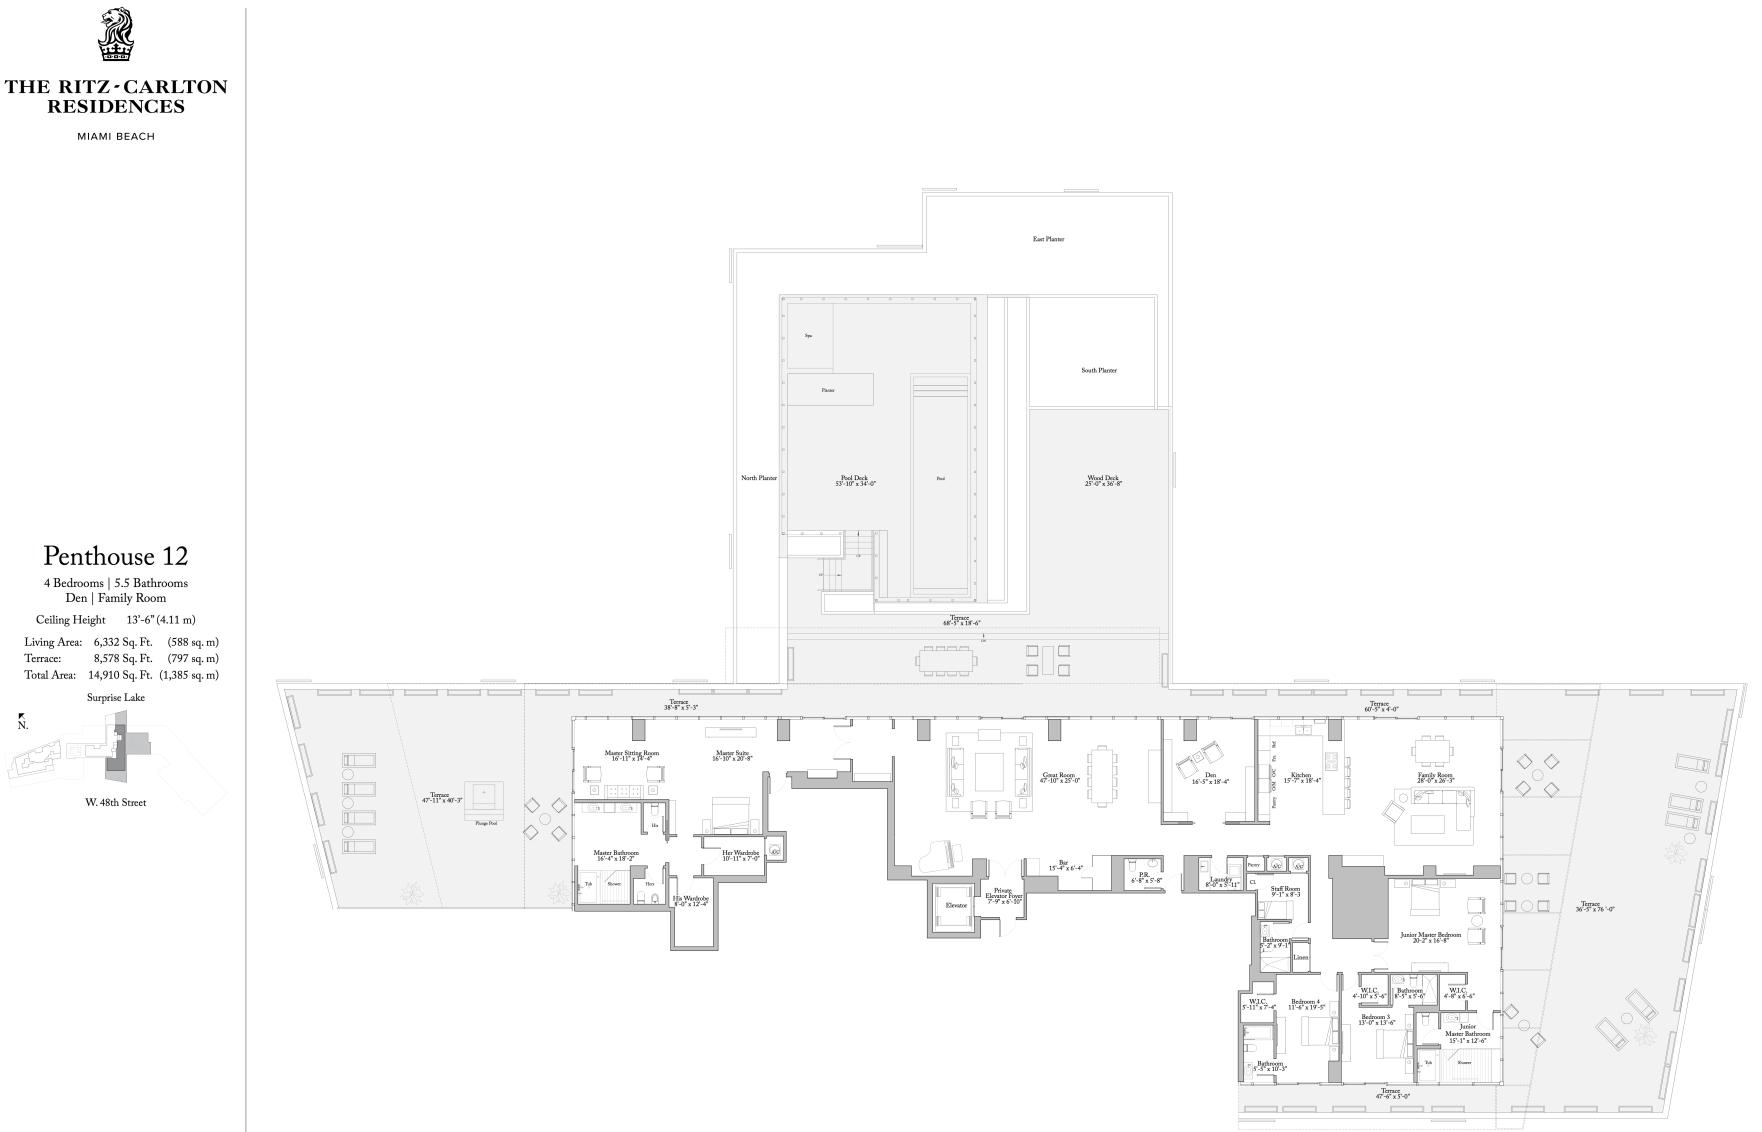 Penthouse 12 floor plan - The Ritz-Carlton Residences Miami Beach